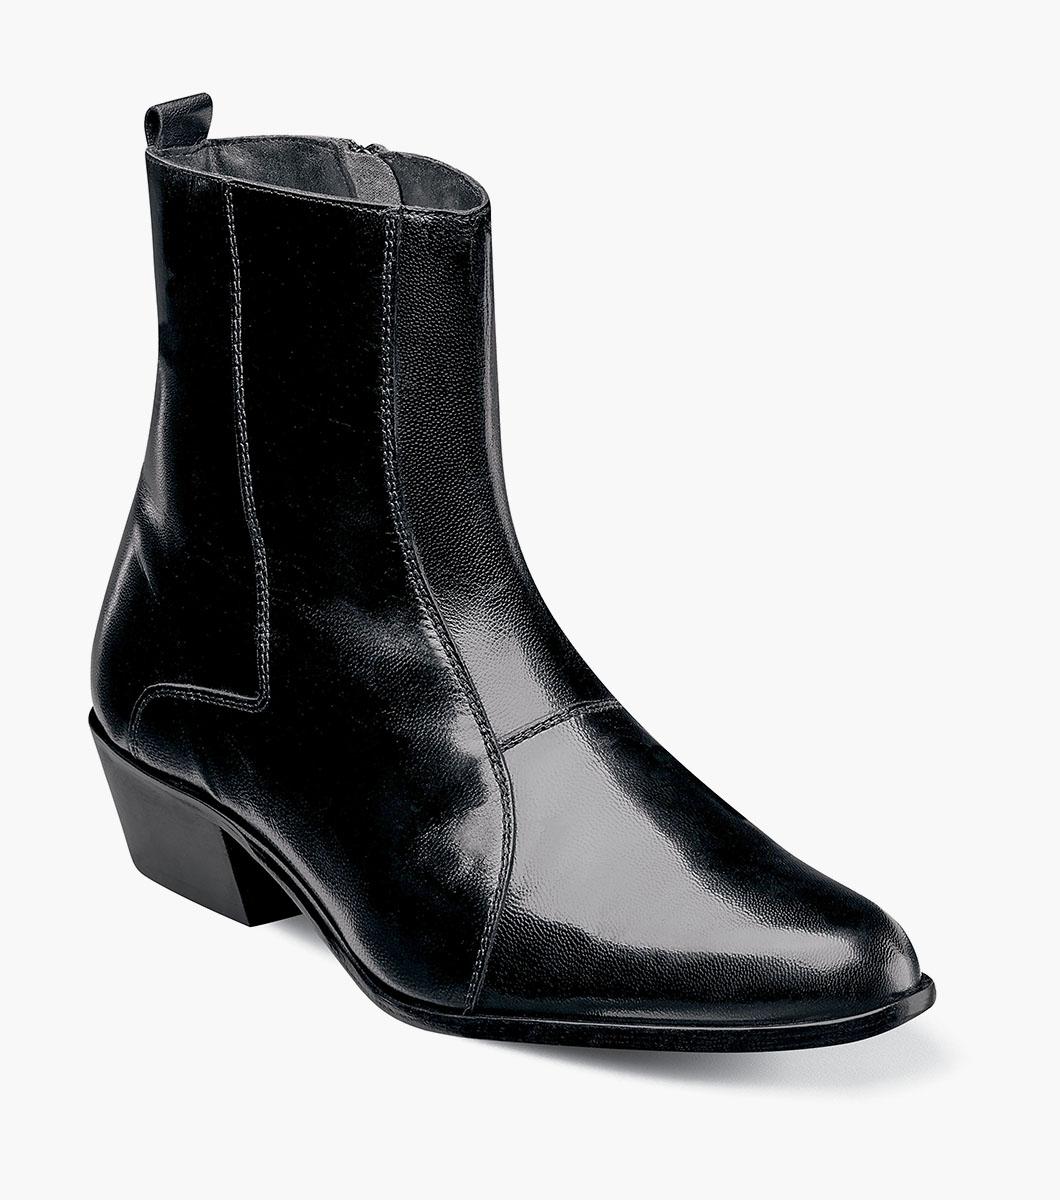 0bd7d4e0f Men's Dress Shoes | Black Slip On Boot | Stacy Adams Santos